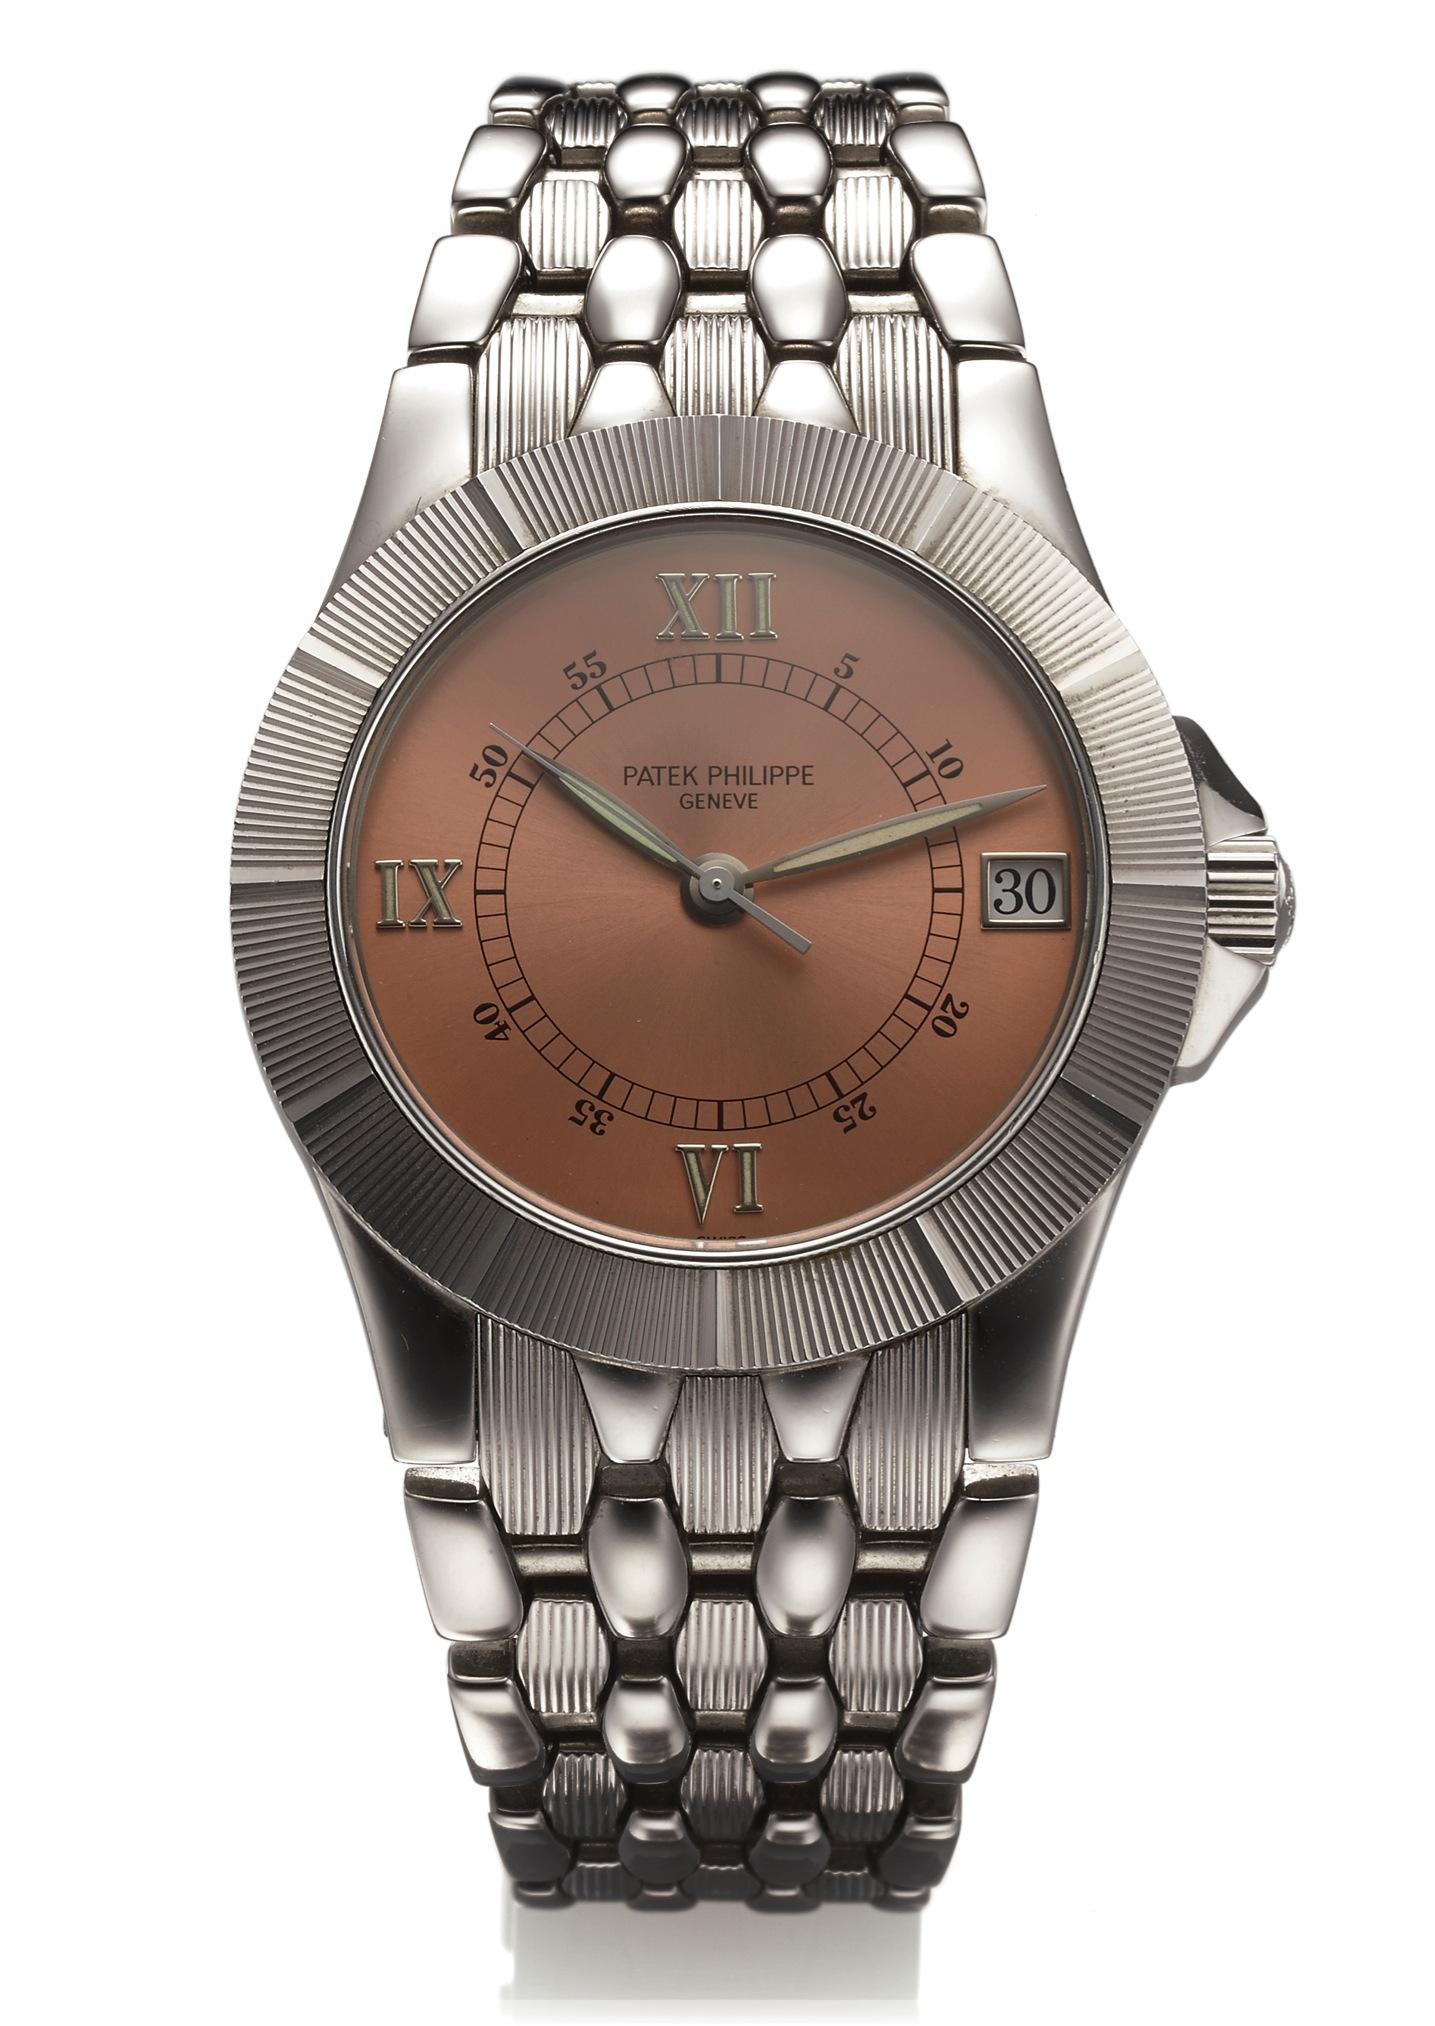 Сколько стоят часы patek philippe geneve?